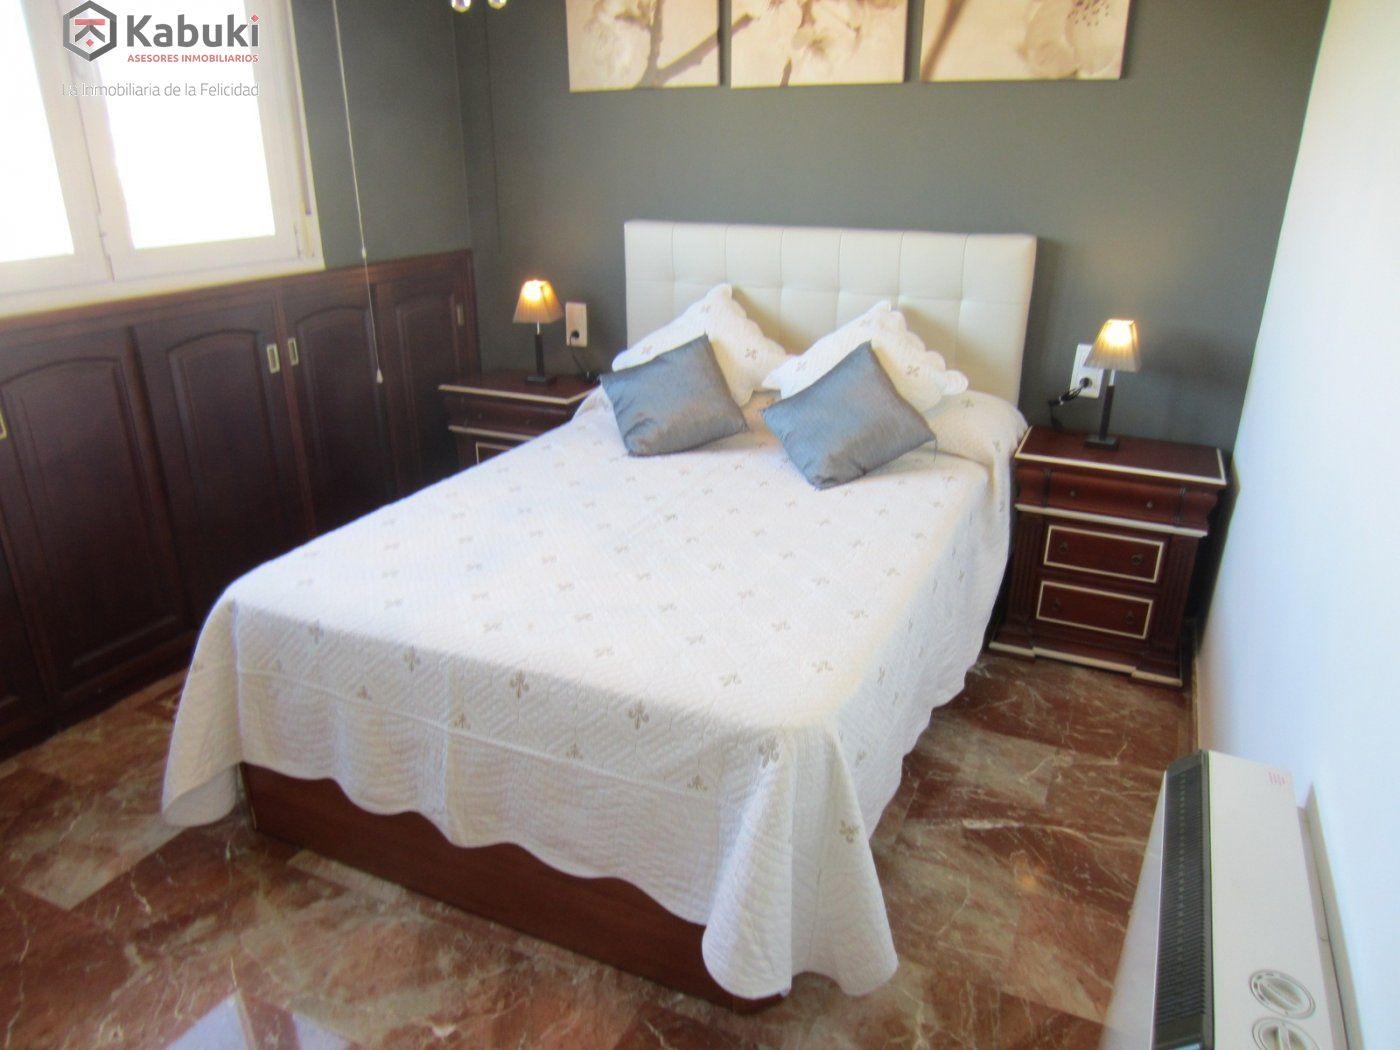 Ático con vistas despejadas en zona residencial, 3 dormitorios, inmejorables calidades - imagenInmueble5